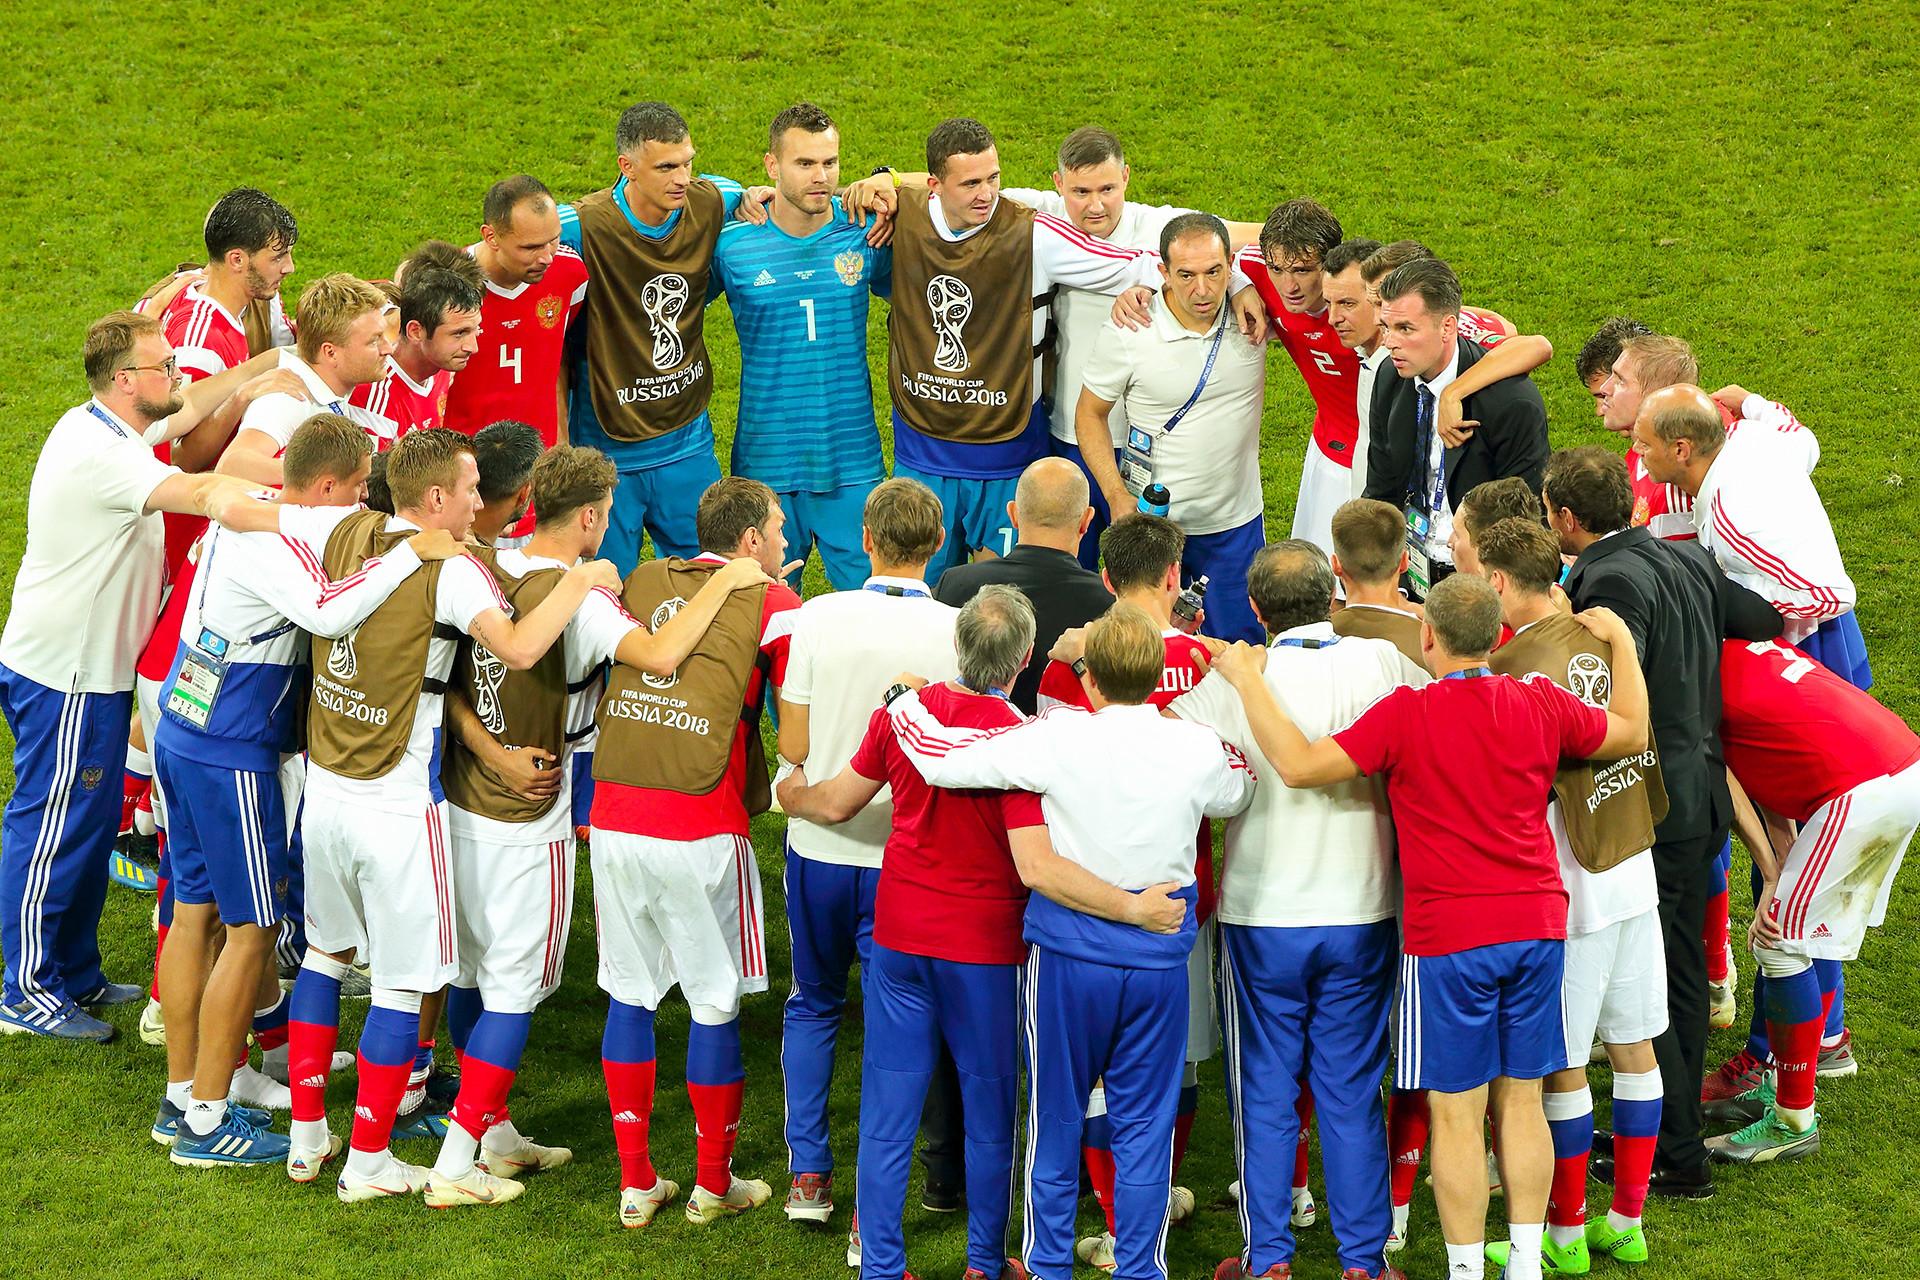 """""""Зборнаја"""" пред почетак извођења пенала на утакмици са Хрватском. Они су изгубили али су за све руске навијаче постали јунаци."""